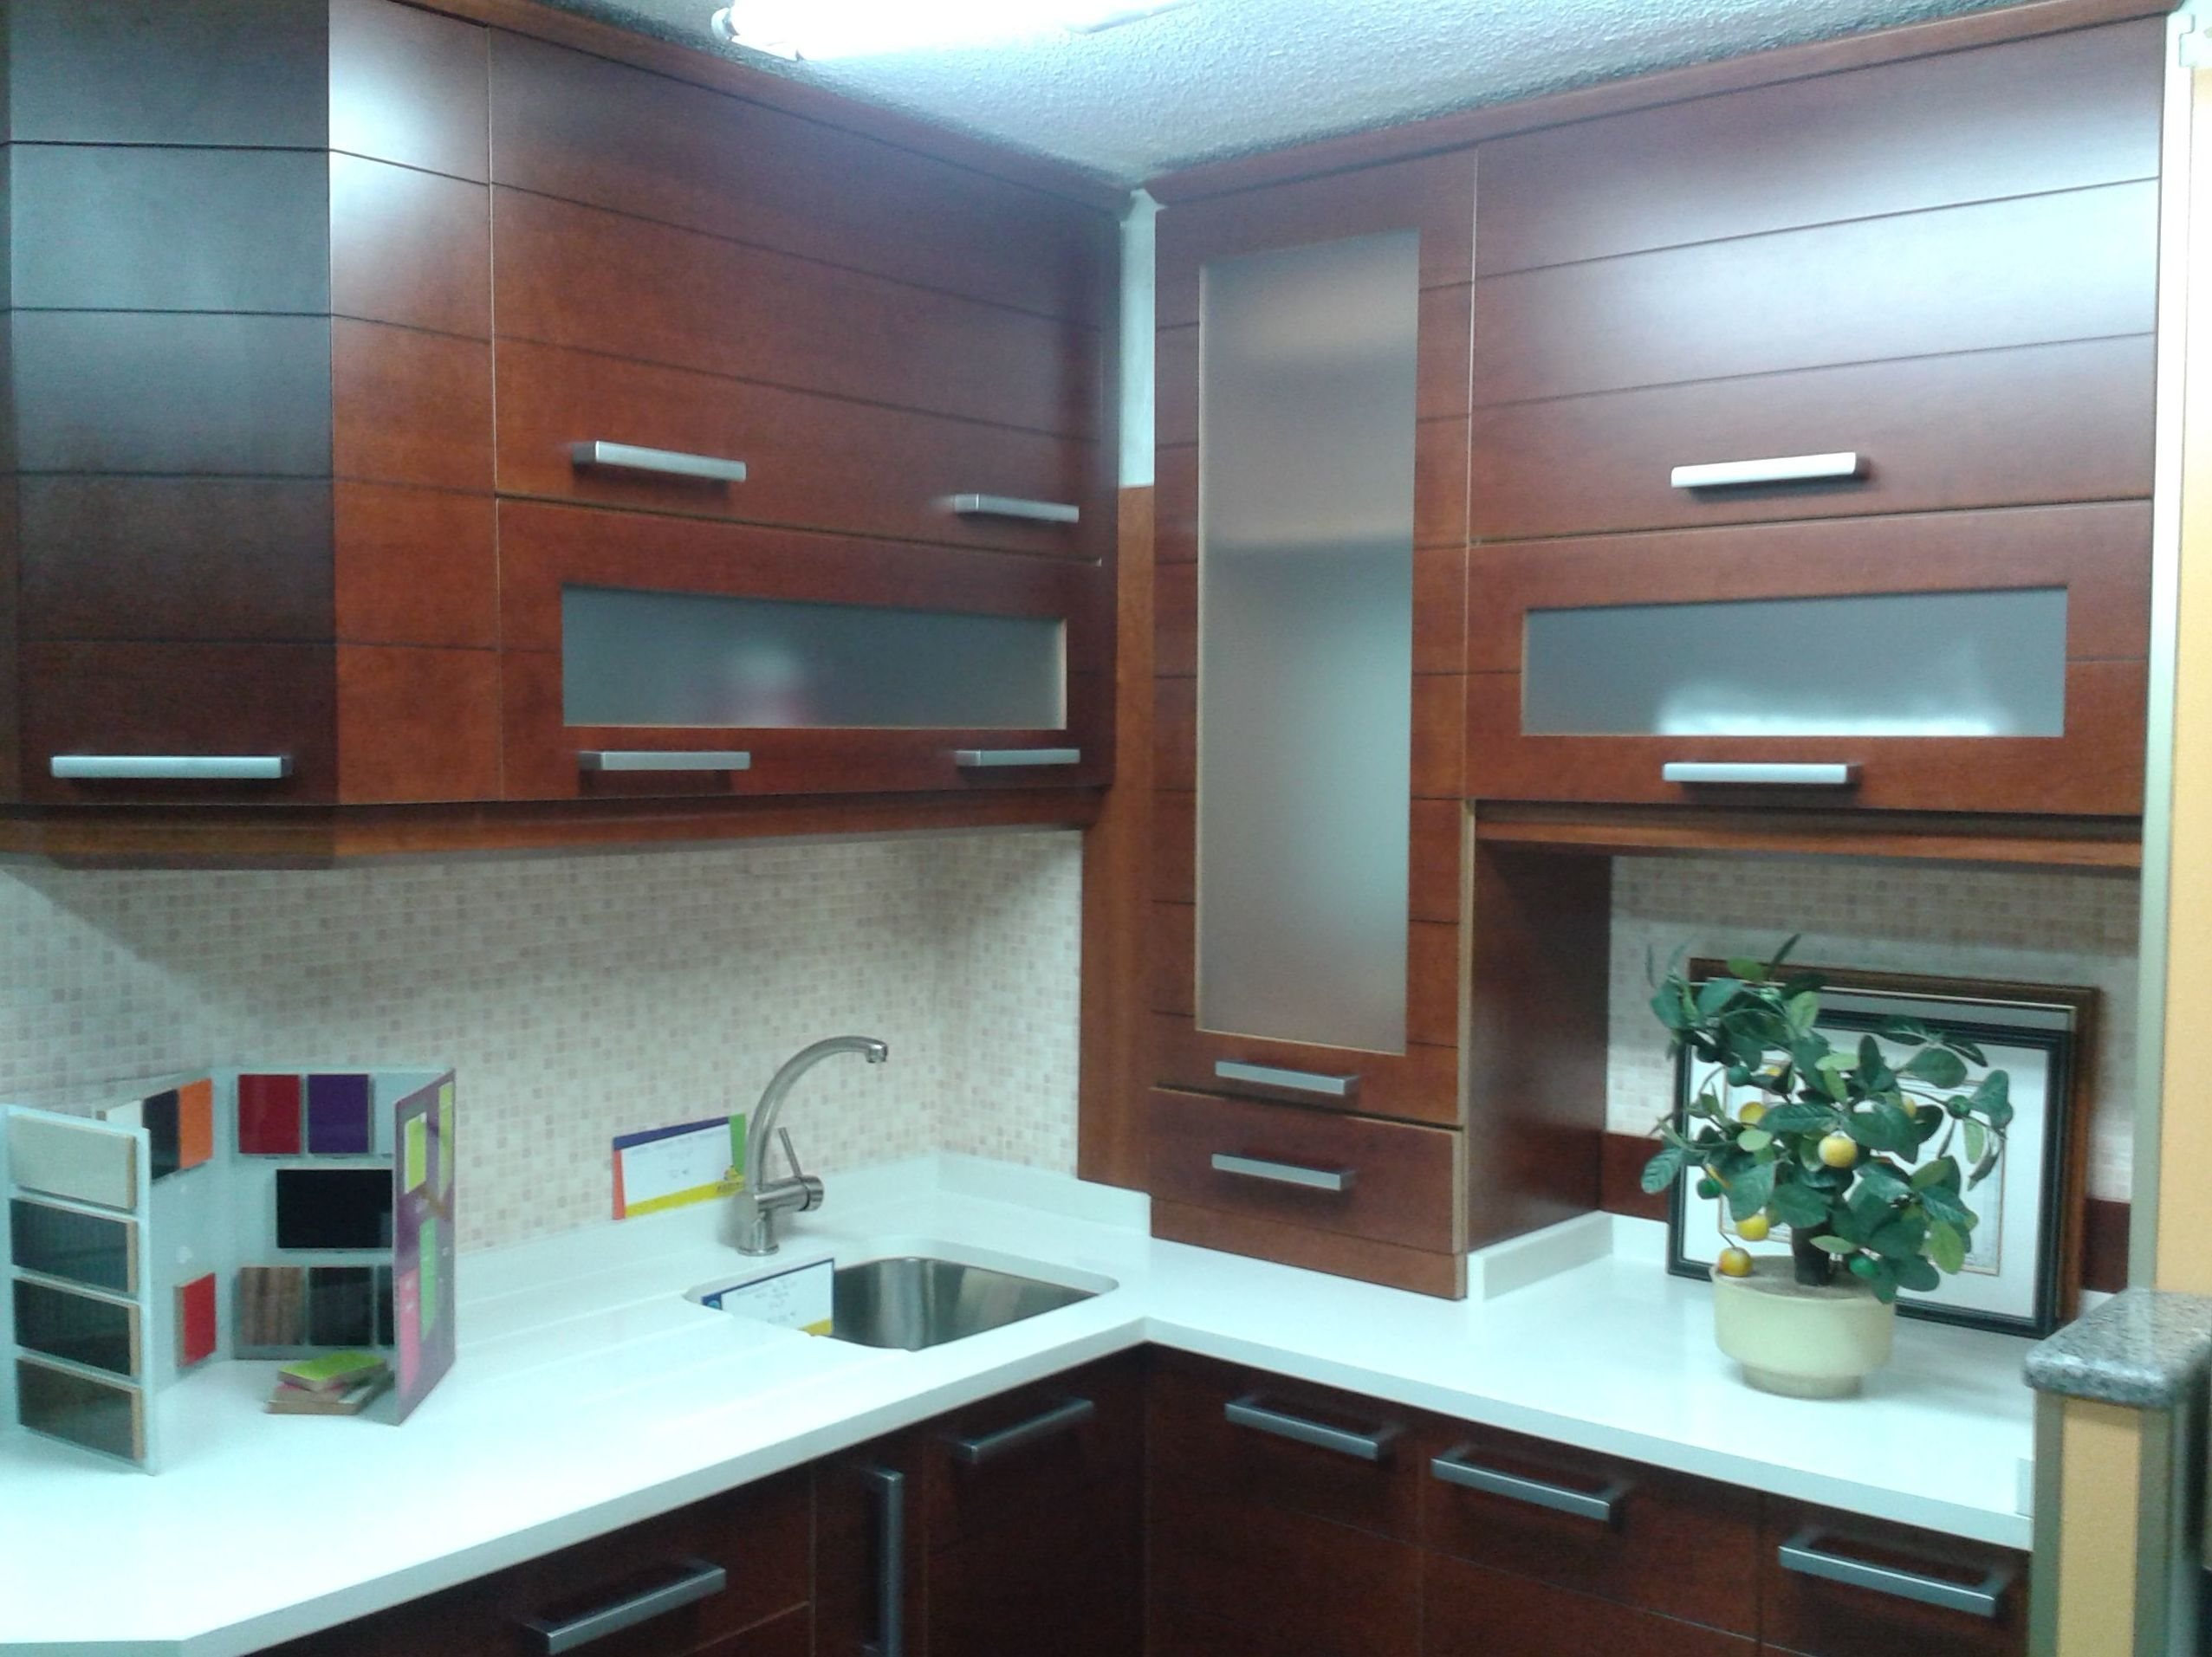 Muebles de cocina muy baratos muebles de cocina baratos for Cocinas baratas nuevas